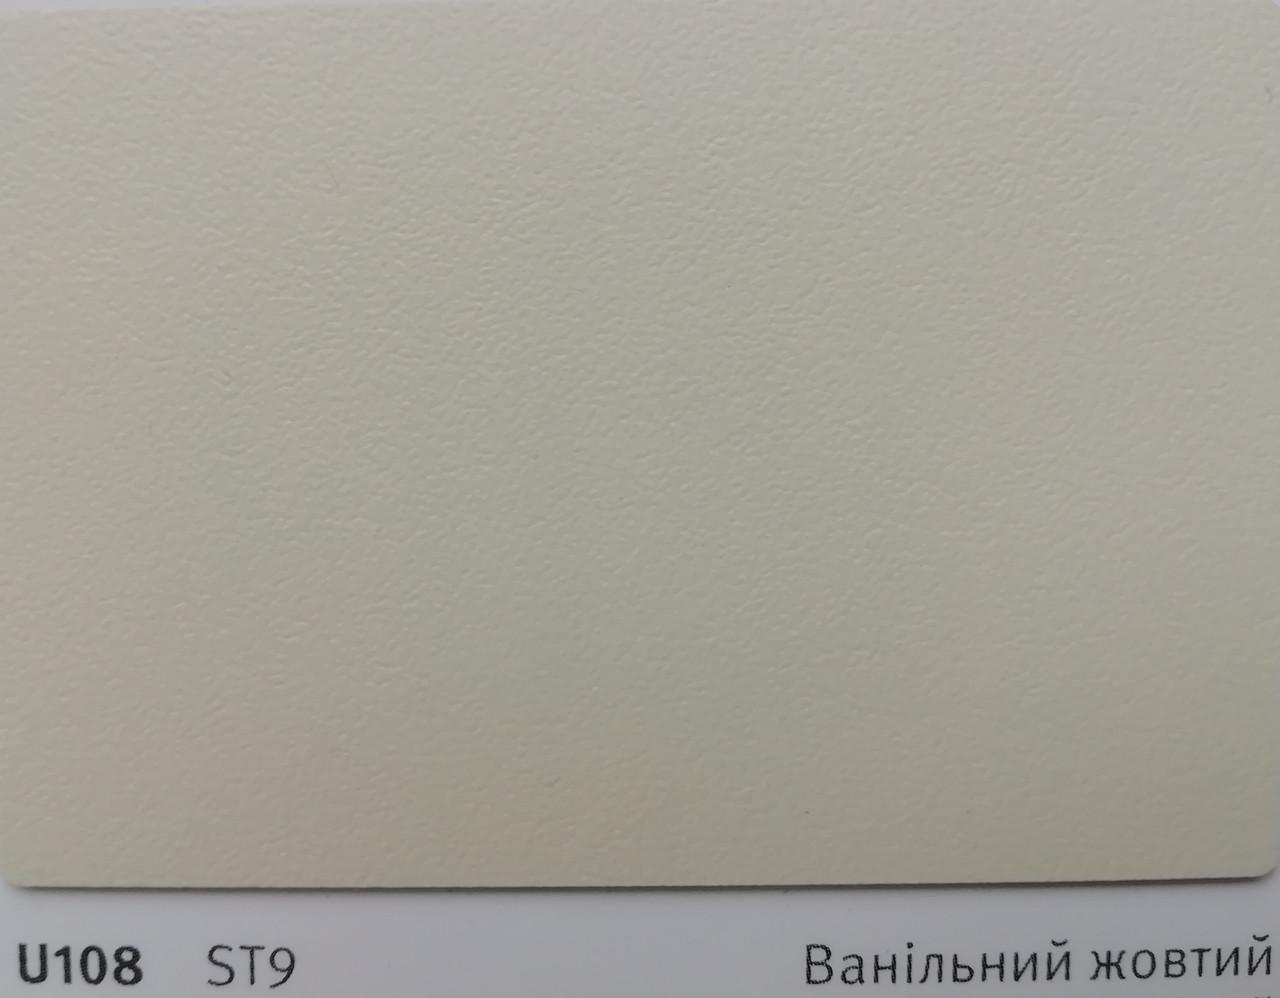 Крайка (кромка) АБС U108 ST9 ваніль жовтий (EGGER) - 75м/п